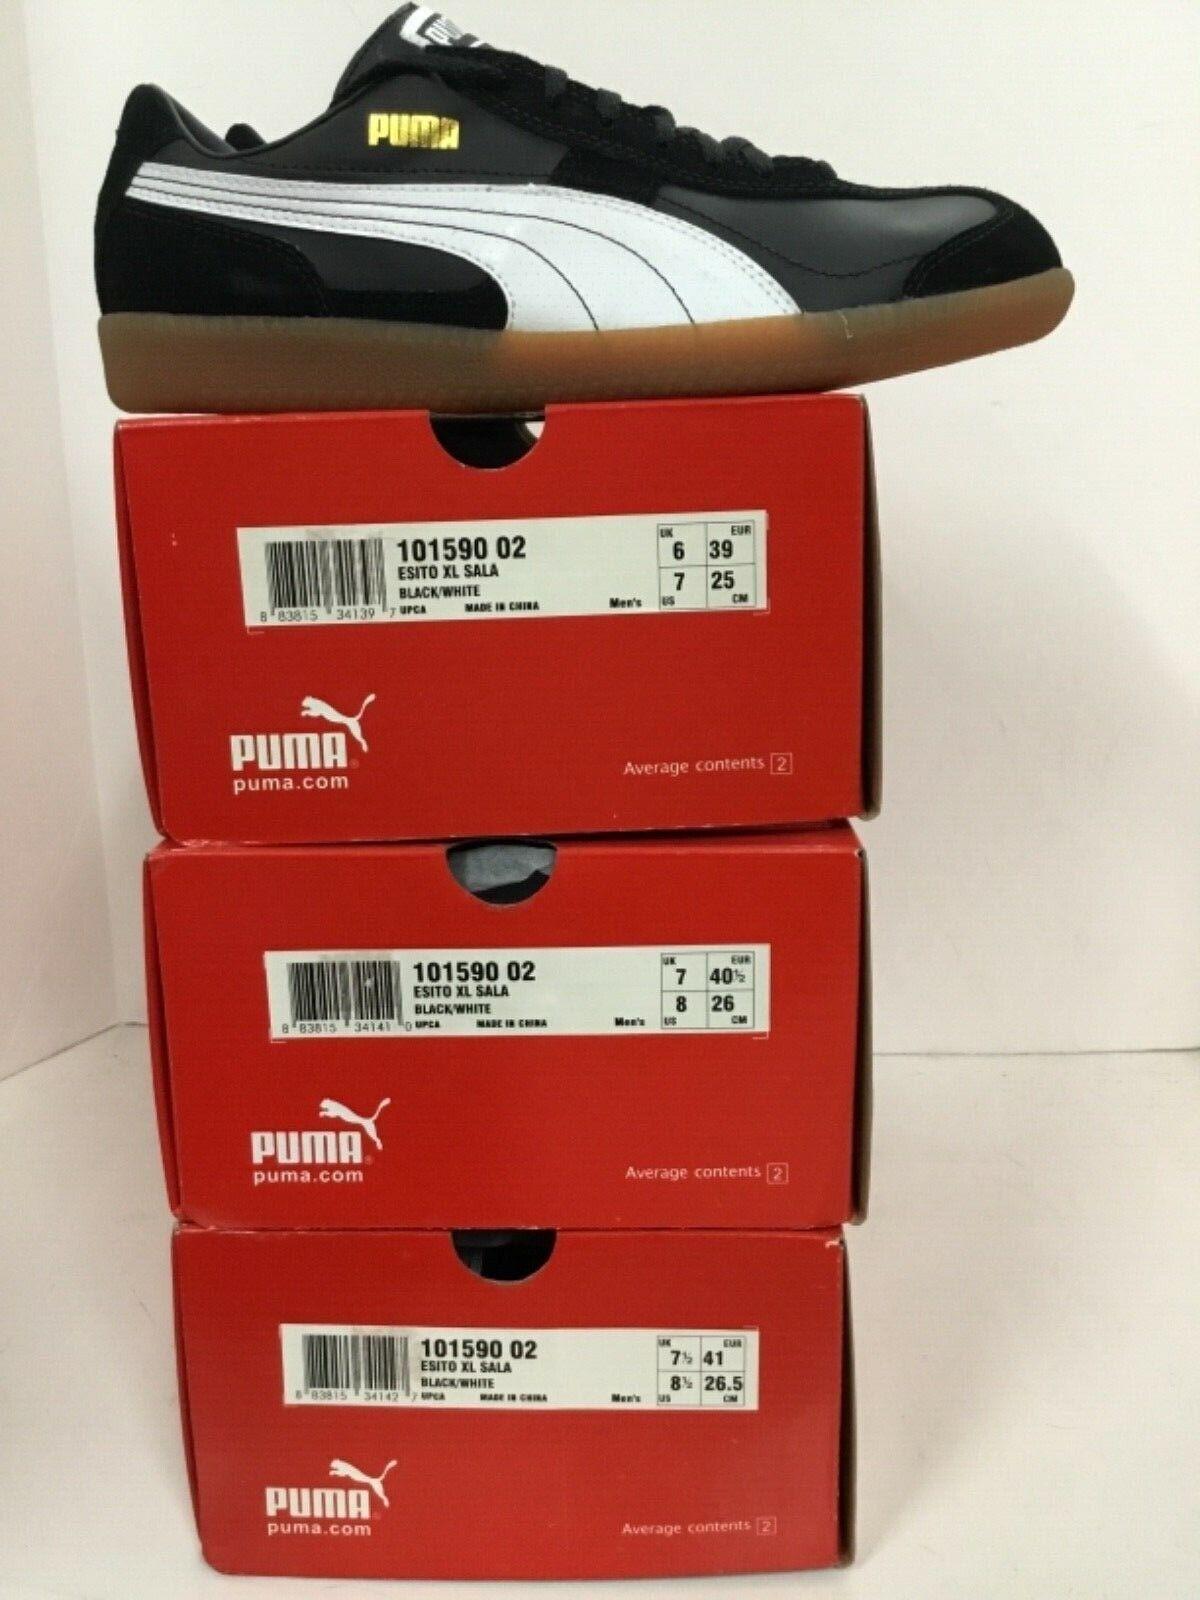 Puma Esito XL Sala para hombre estilo Nº 101590 02